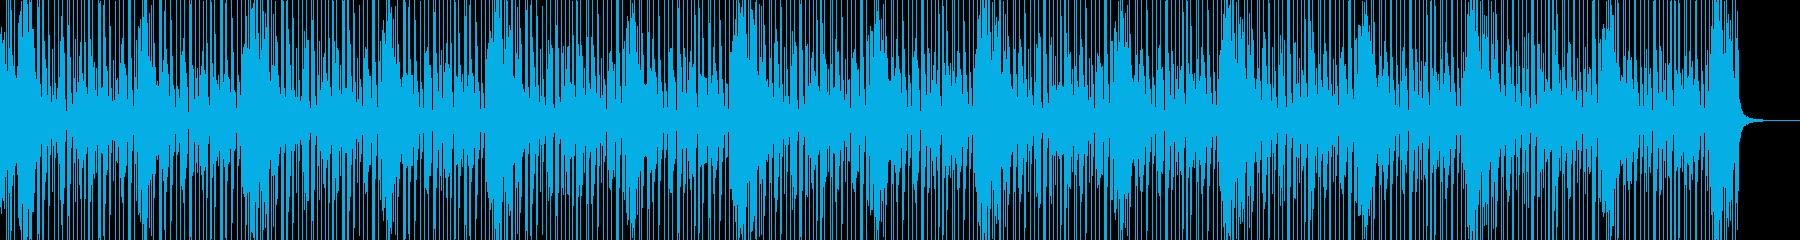 リズミカルなドラムソロの再生済みの波形